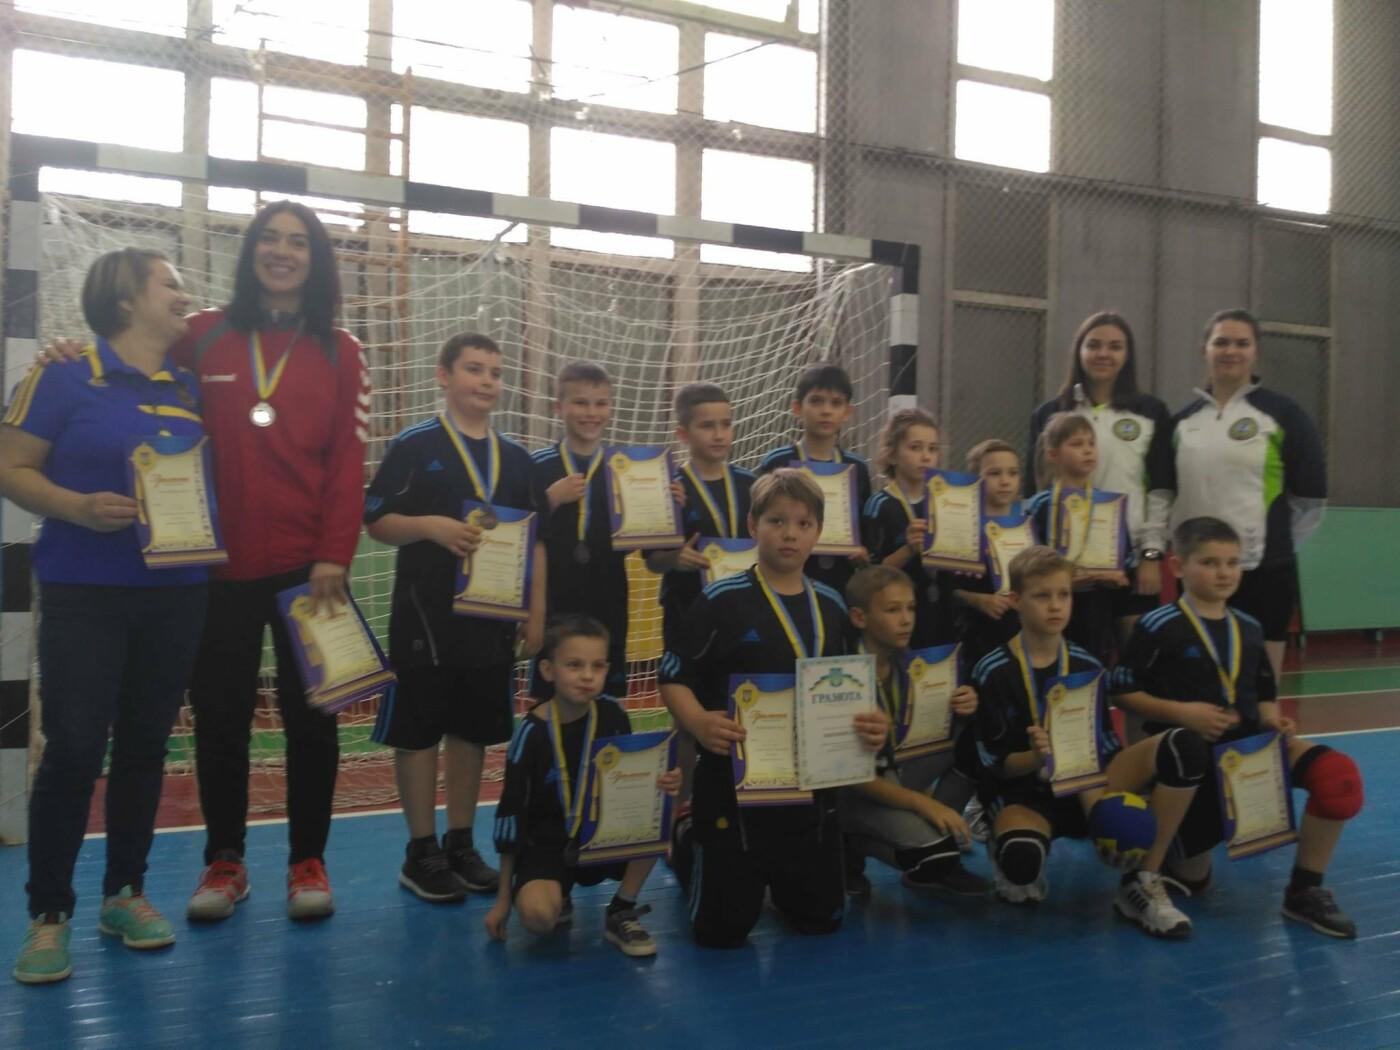 В Черноморске завершилось Открытое первенство Одесской области по мини-гандболу, фото-1